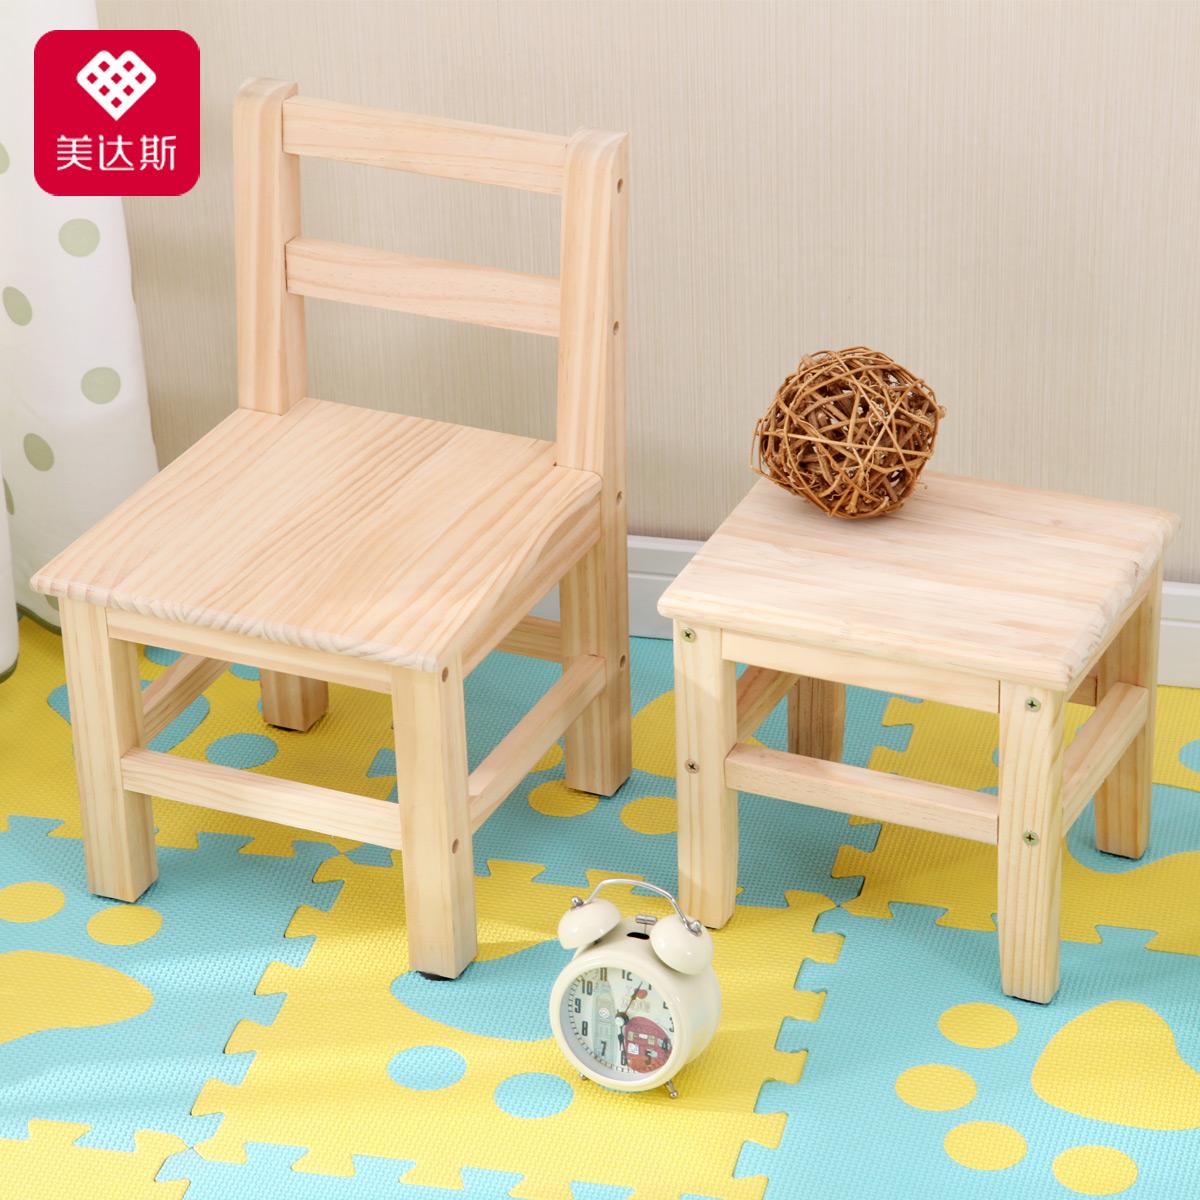 美達斯凳子 實木小方凳兒童餐凳小凳子  洗衣凳小板凳矮凳